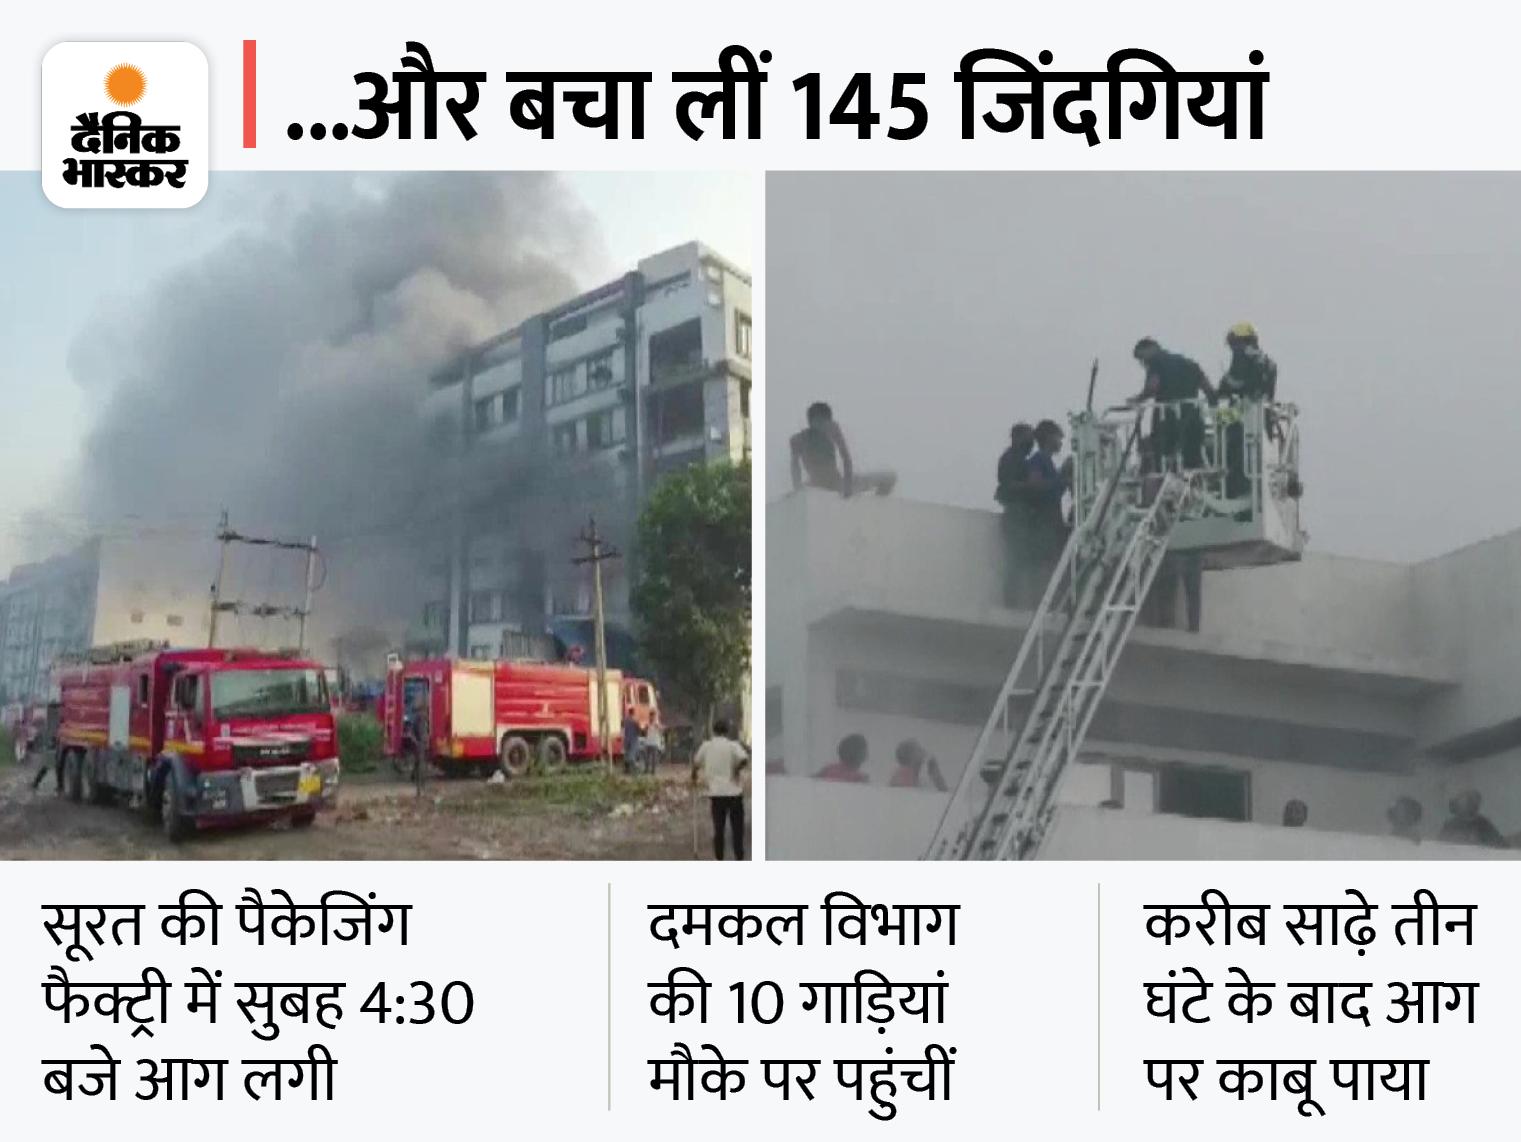 2 मजदूरों की मौत, 145 बचाए गए; 5वीं मंजिल से कूदे कई मजदूर|देश,National - Dainik Bhaskar